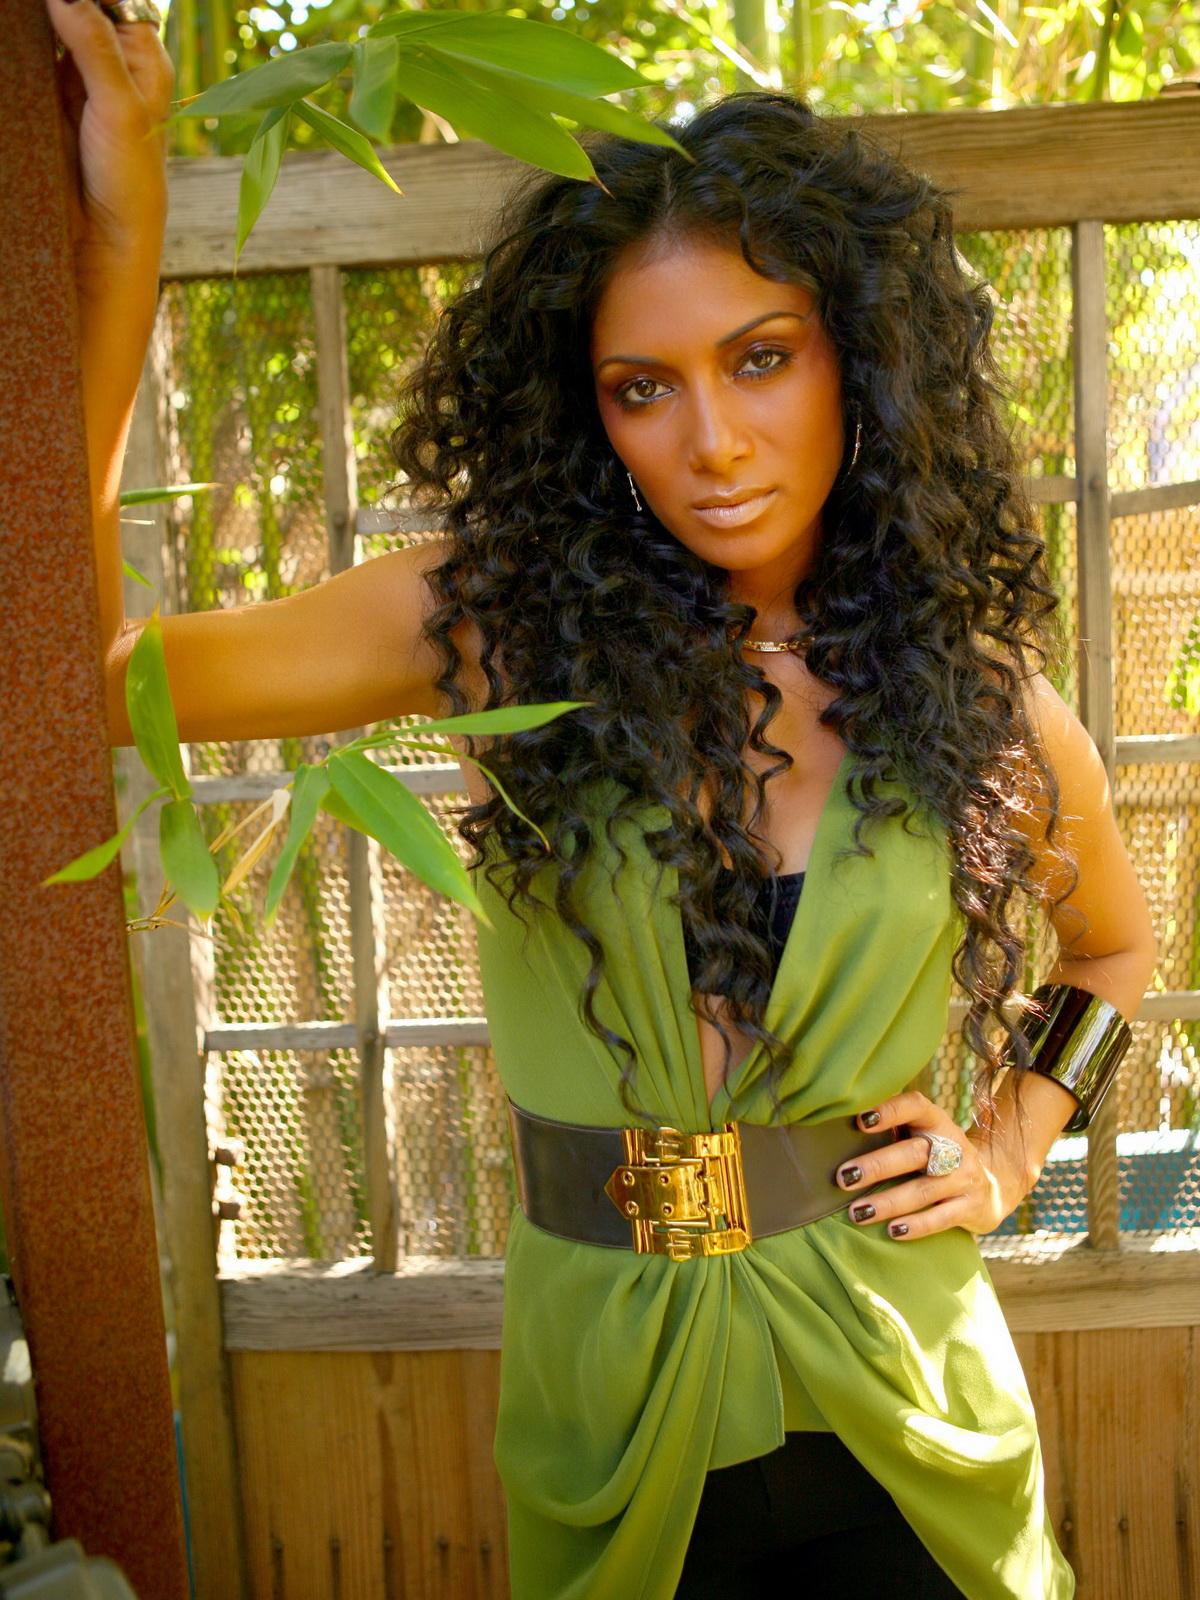 http://4.bp.blogspot.com/_Jgc-vQ1t70k/TOH9jm90VPI/AAAAAAAAACA/iecNp_nBS14/s1600/Nicole_Scherzinger_Gorgeous_Nice_Tits_in_Blac_Lingerie_Cleavage_Zach_Cordner_Photoshoot_7.jpg